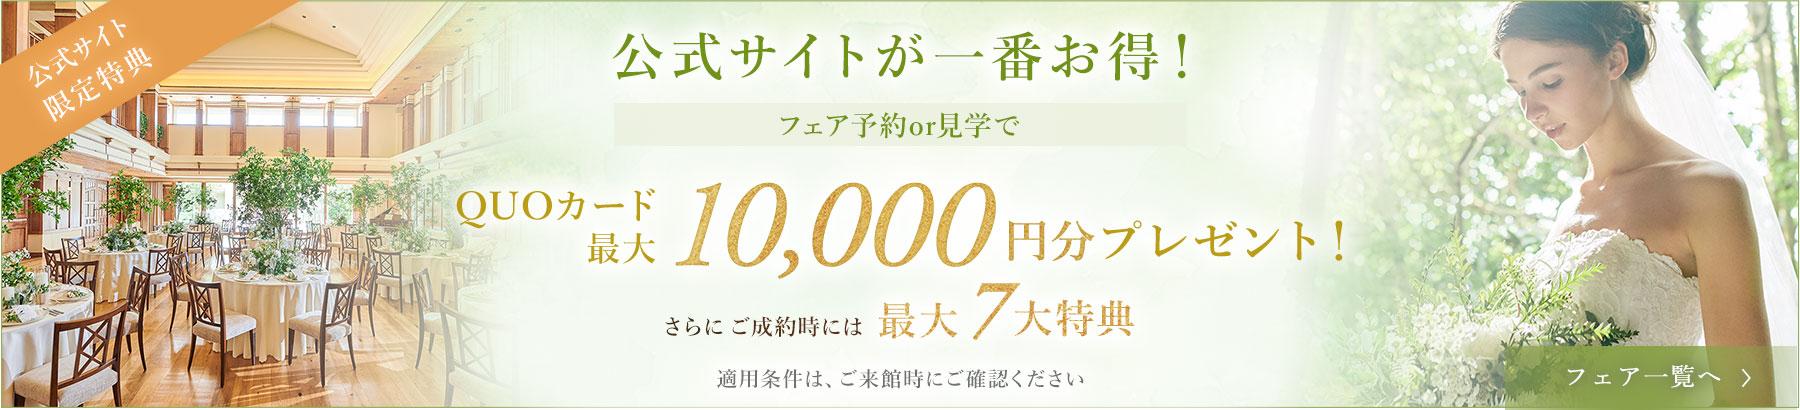 新春限定キャンペーン